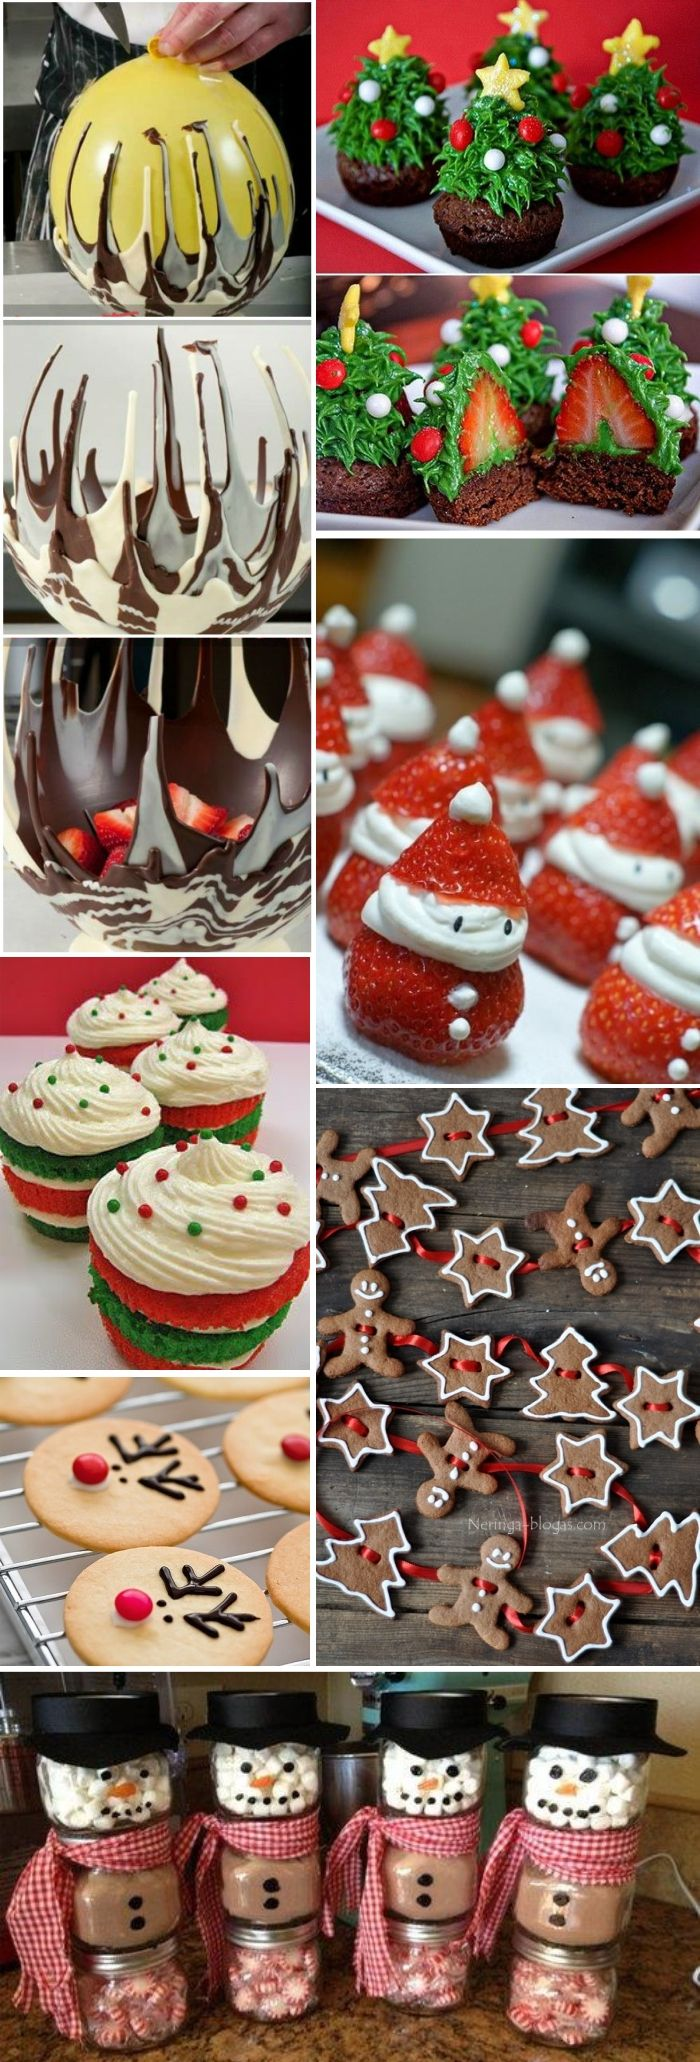 decoração natal barata fazer em casa (10)                                                                                                                                                                                 Mais